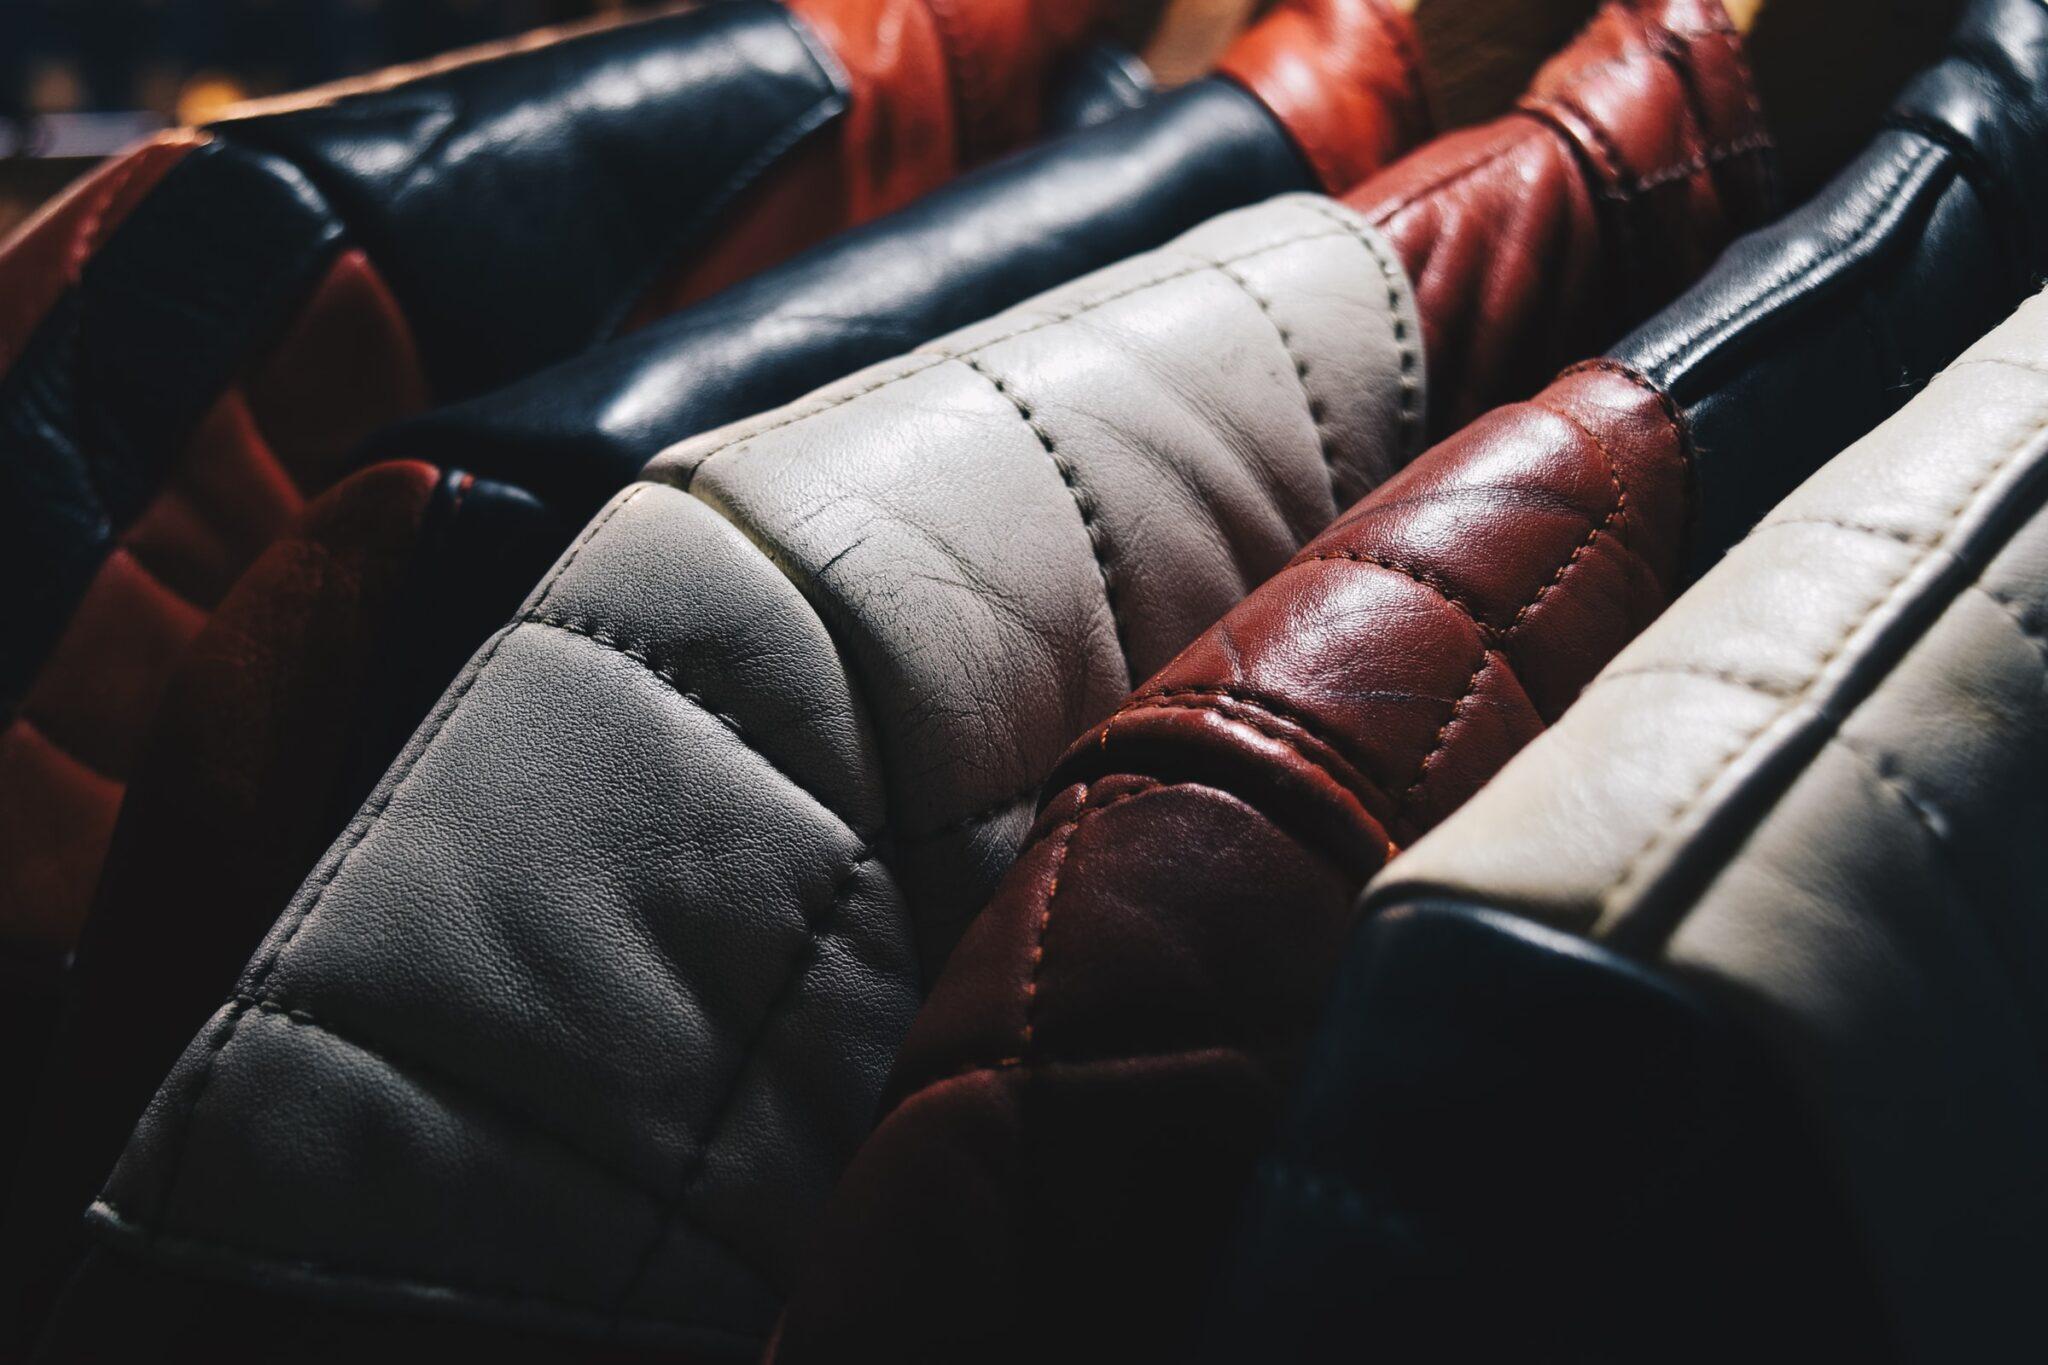 Eine Nahaufnahme von Schulterteilen von Lederjacken, die auf einer Kleiderstange hängen. Die Jacken sind schwarz, grau und rot.